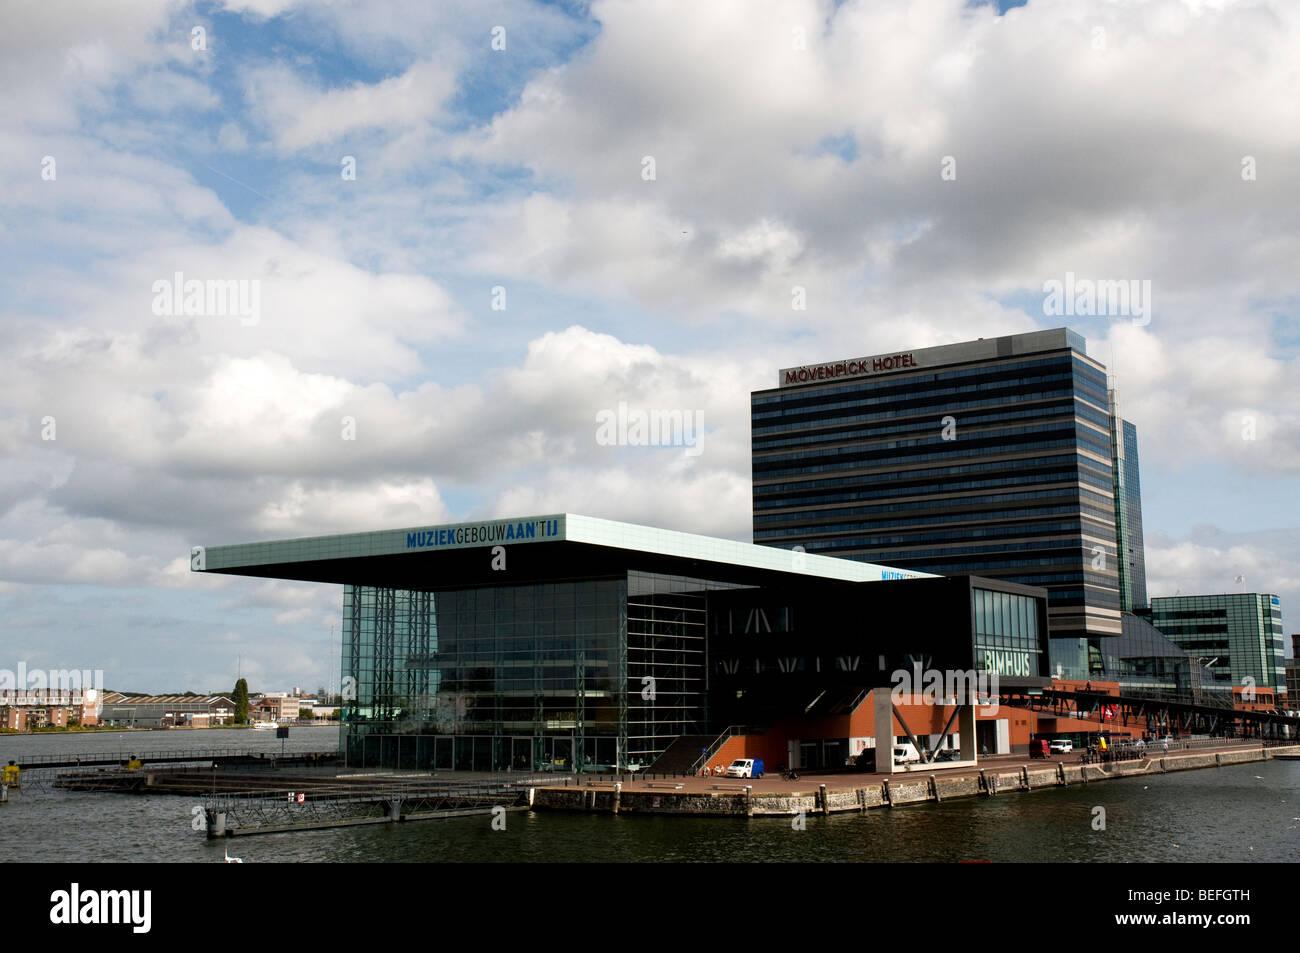 Muziekgebouw aan 't IJ, Amsterdam, Holland Netherlands - Stock Image